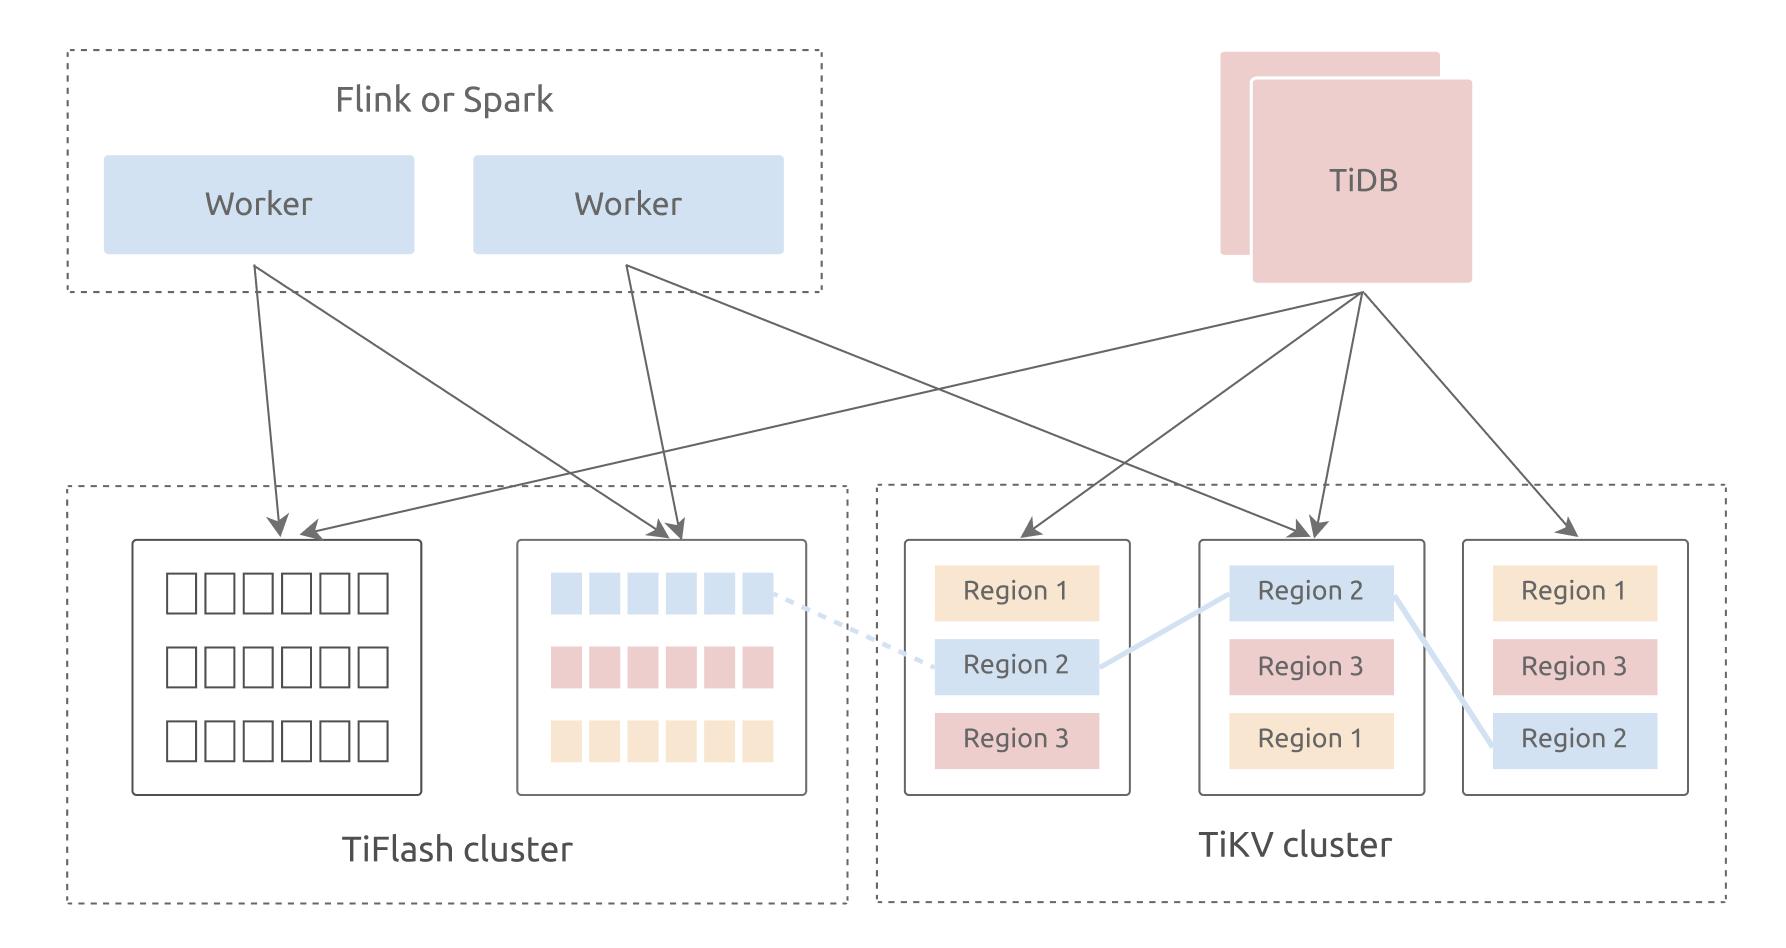 TiDB HTAP architecture